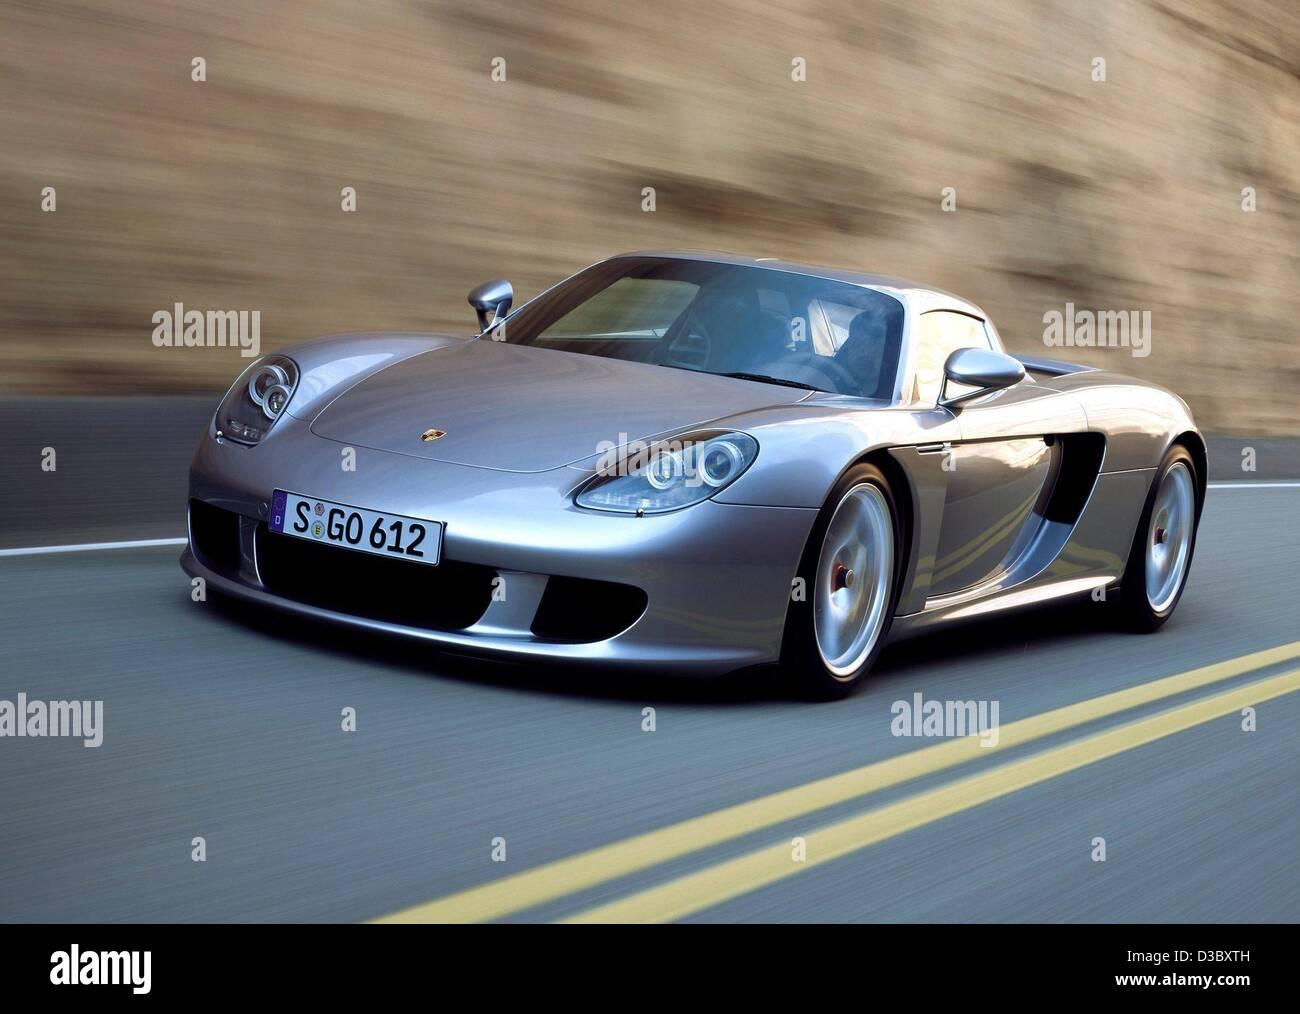 Porsche Carrera Stock Photos Amp Porsche Carrera Stock Images